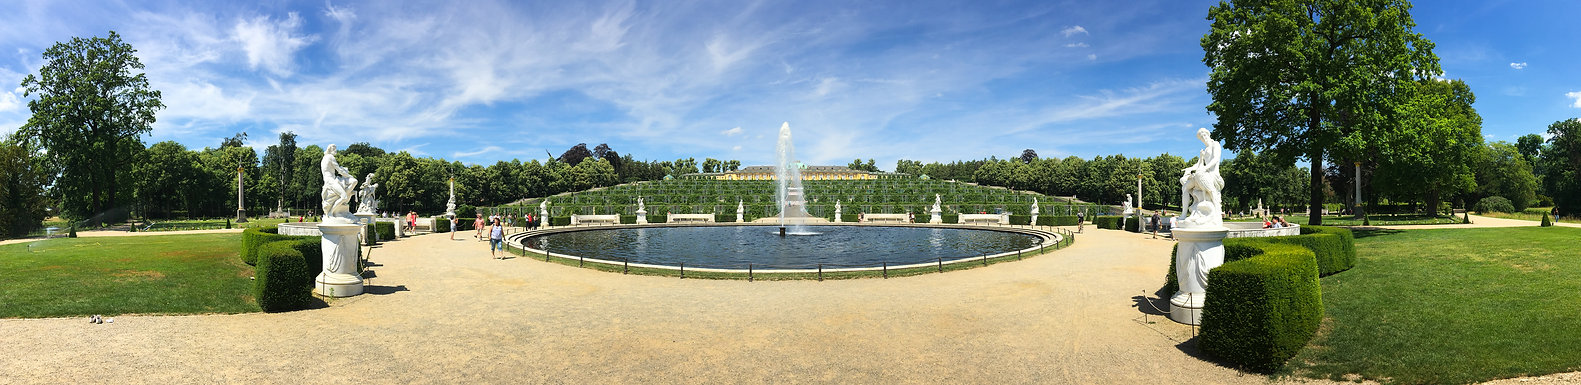 Schloss Sanssouci ©Johannes Ratermann